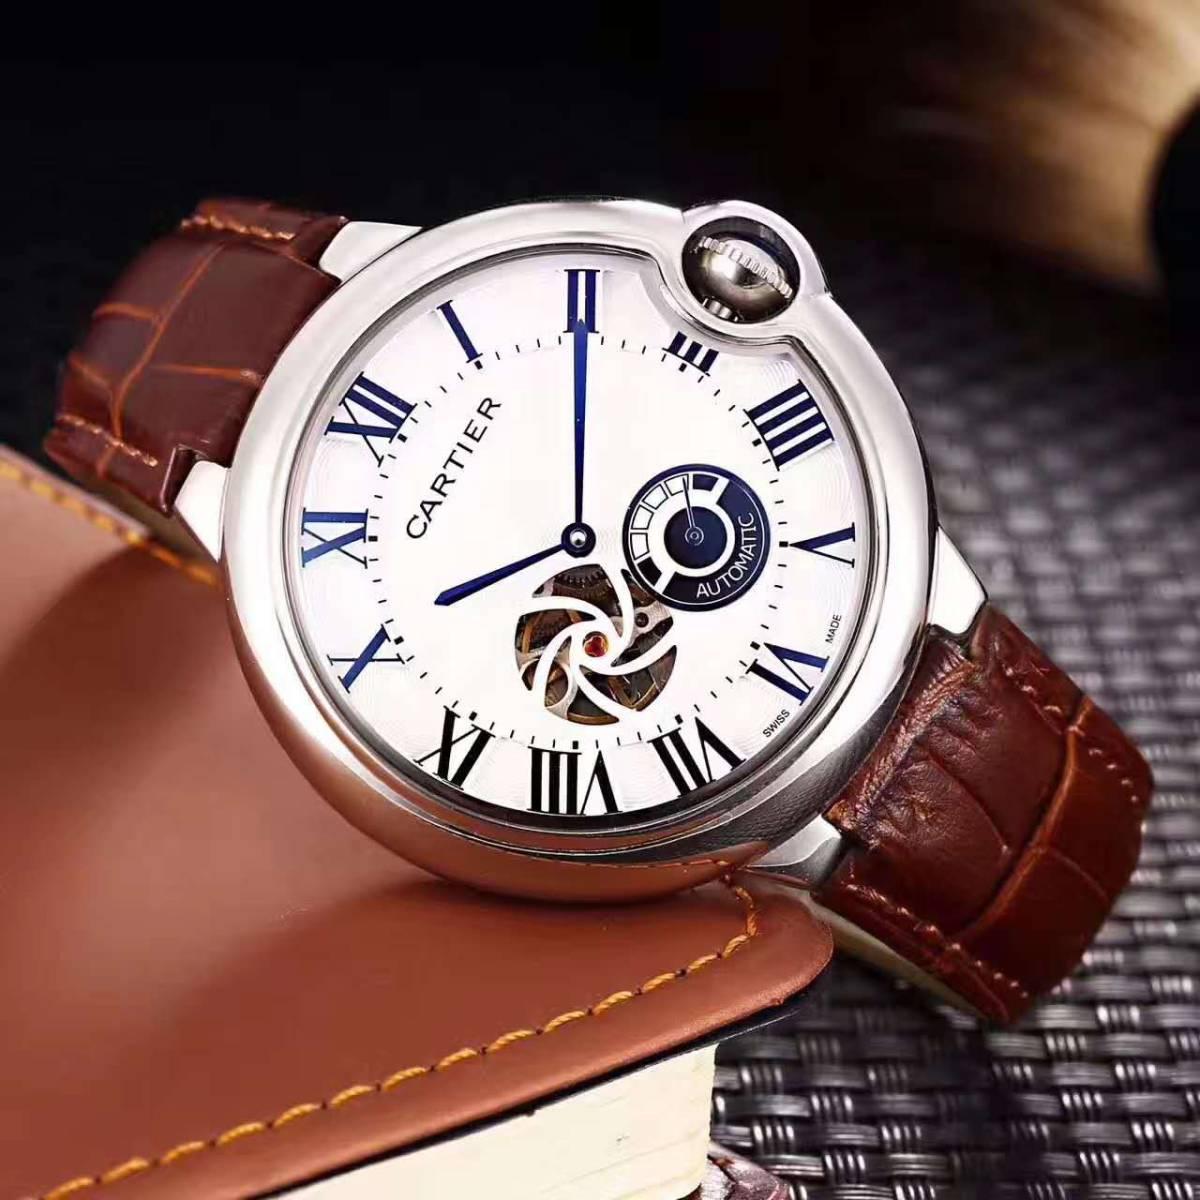 新品 Cartier 自動巻 スケルトン 腕時計 メンズ ウォッチ